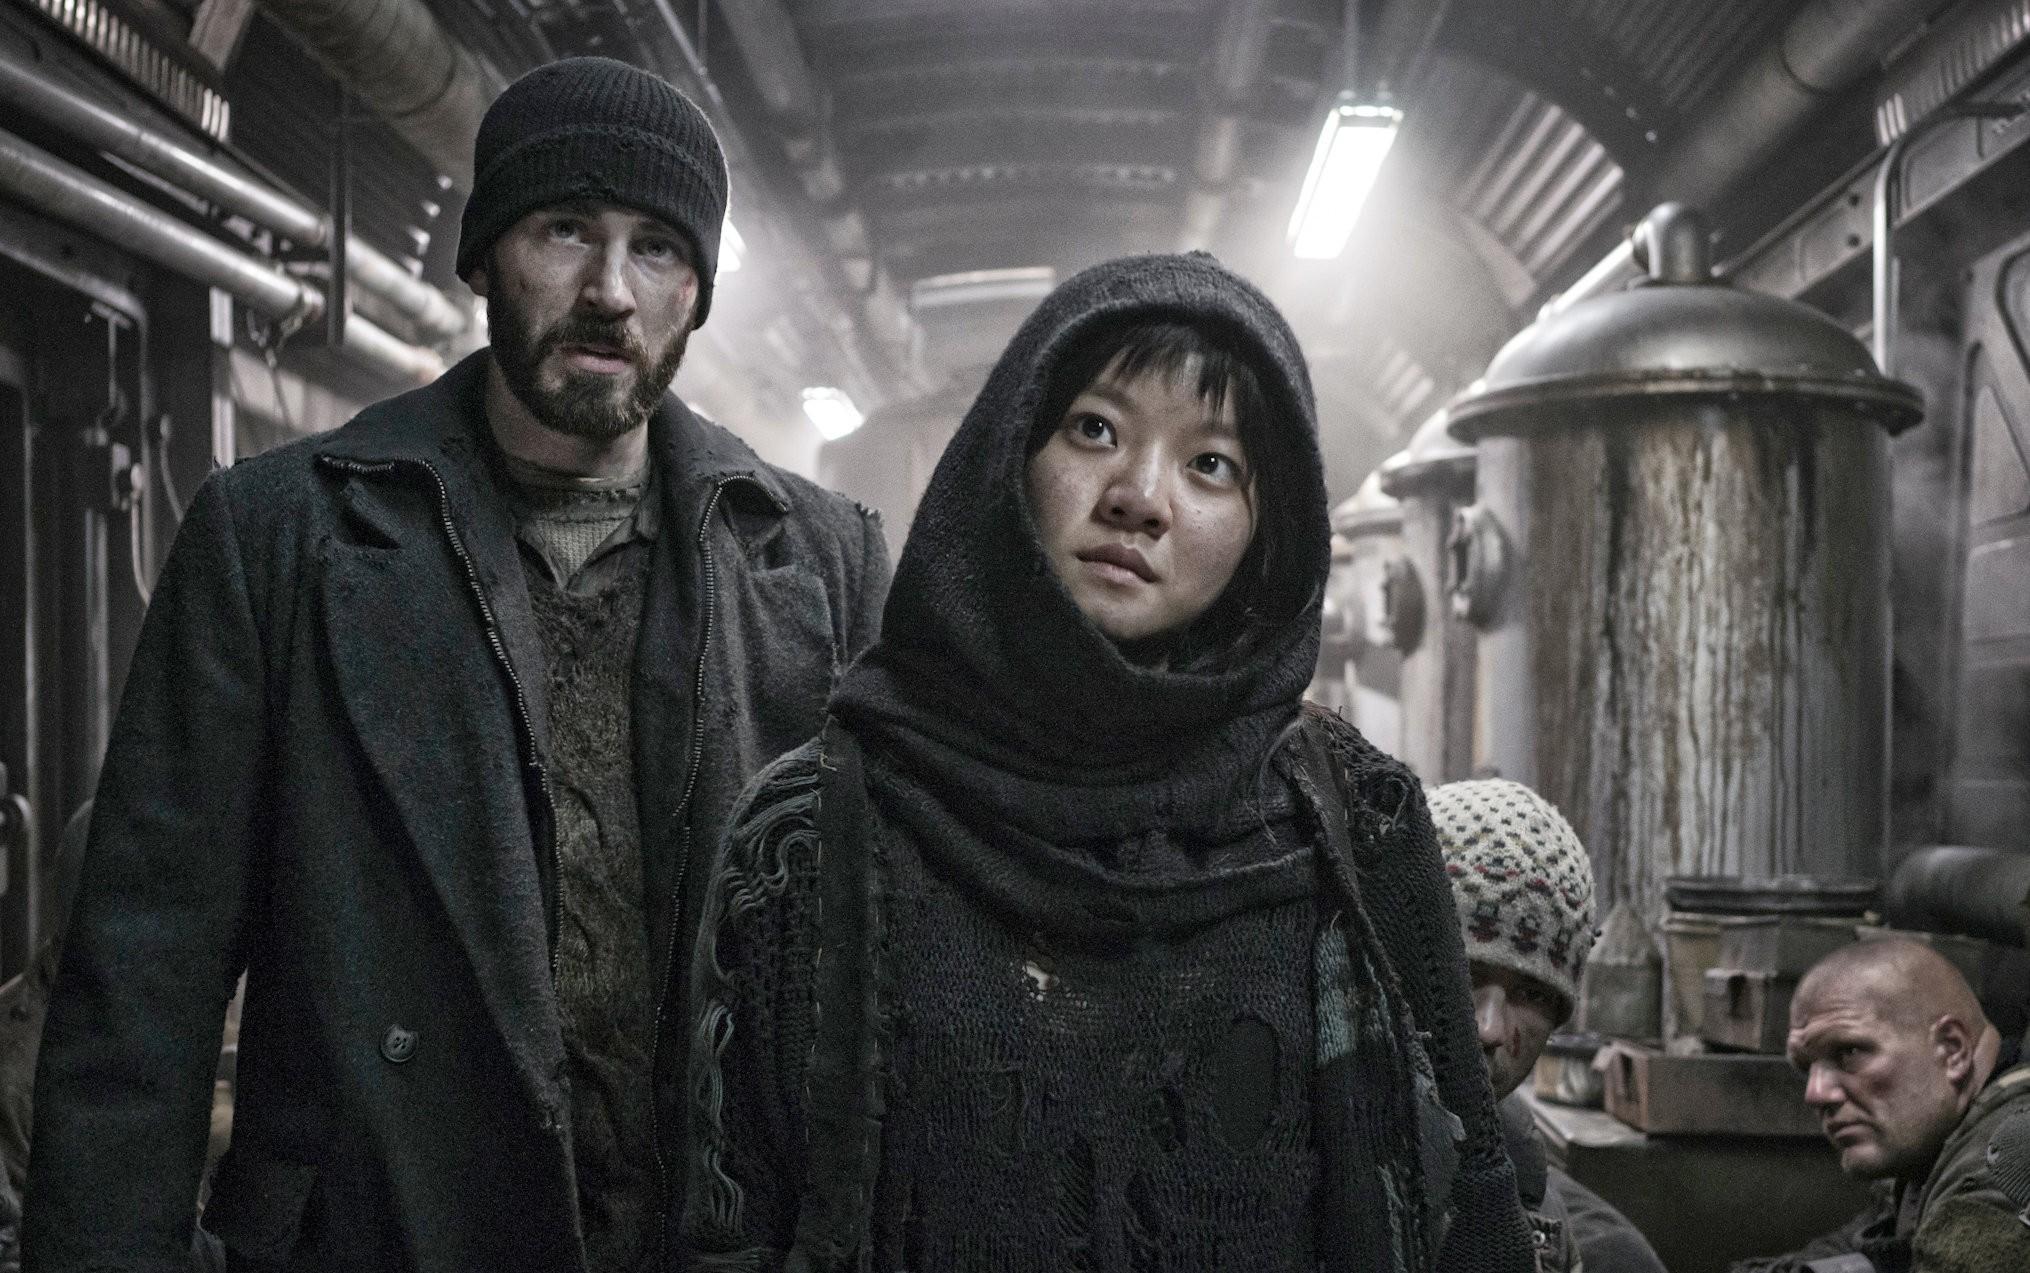 Snowpiercer Chuyến tàu đẫm máu cuộc chiến sinh tồn phiên bản truyền hình